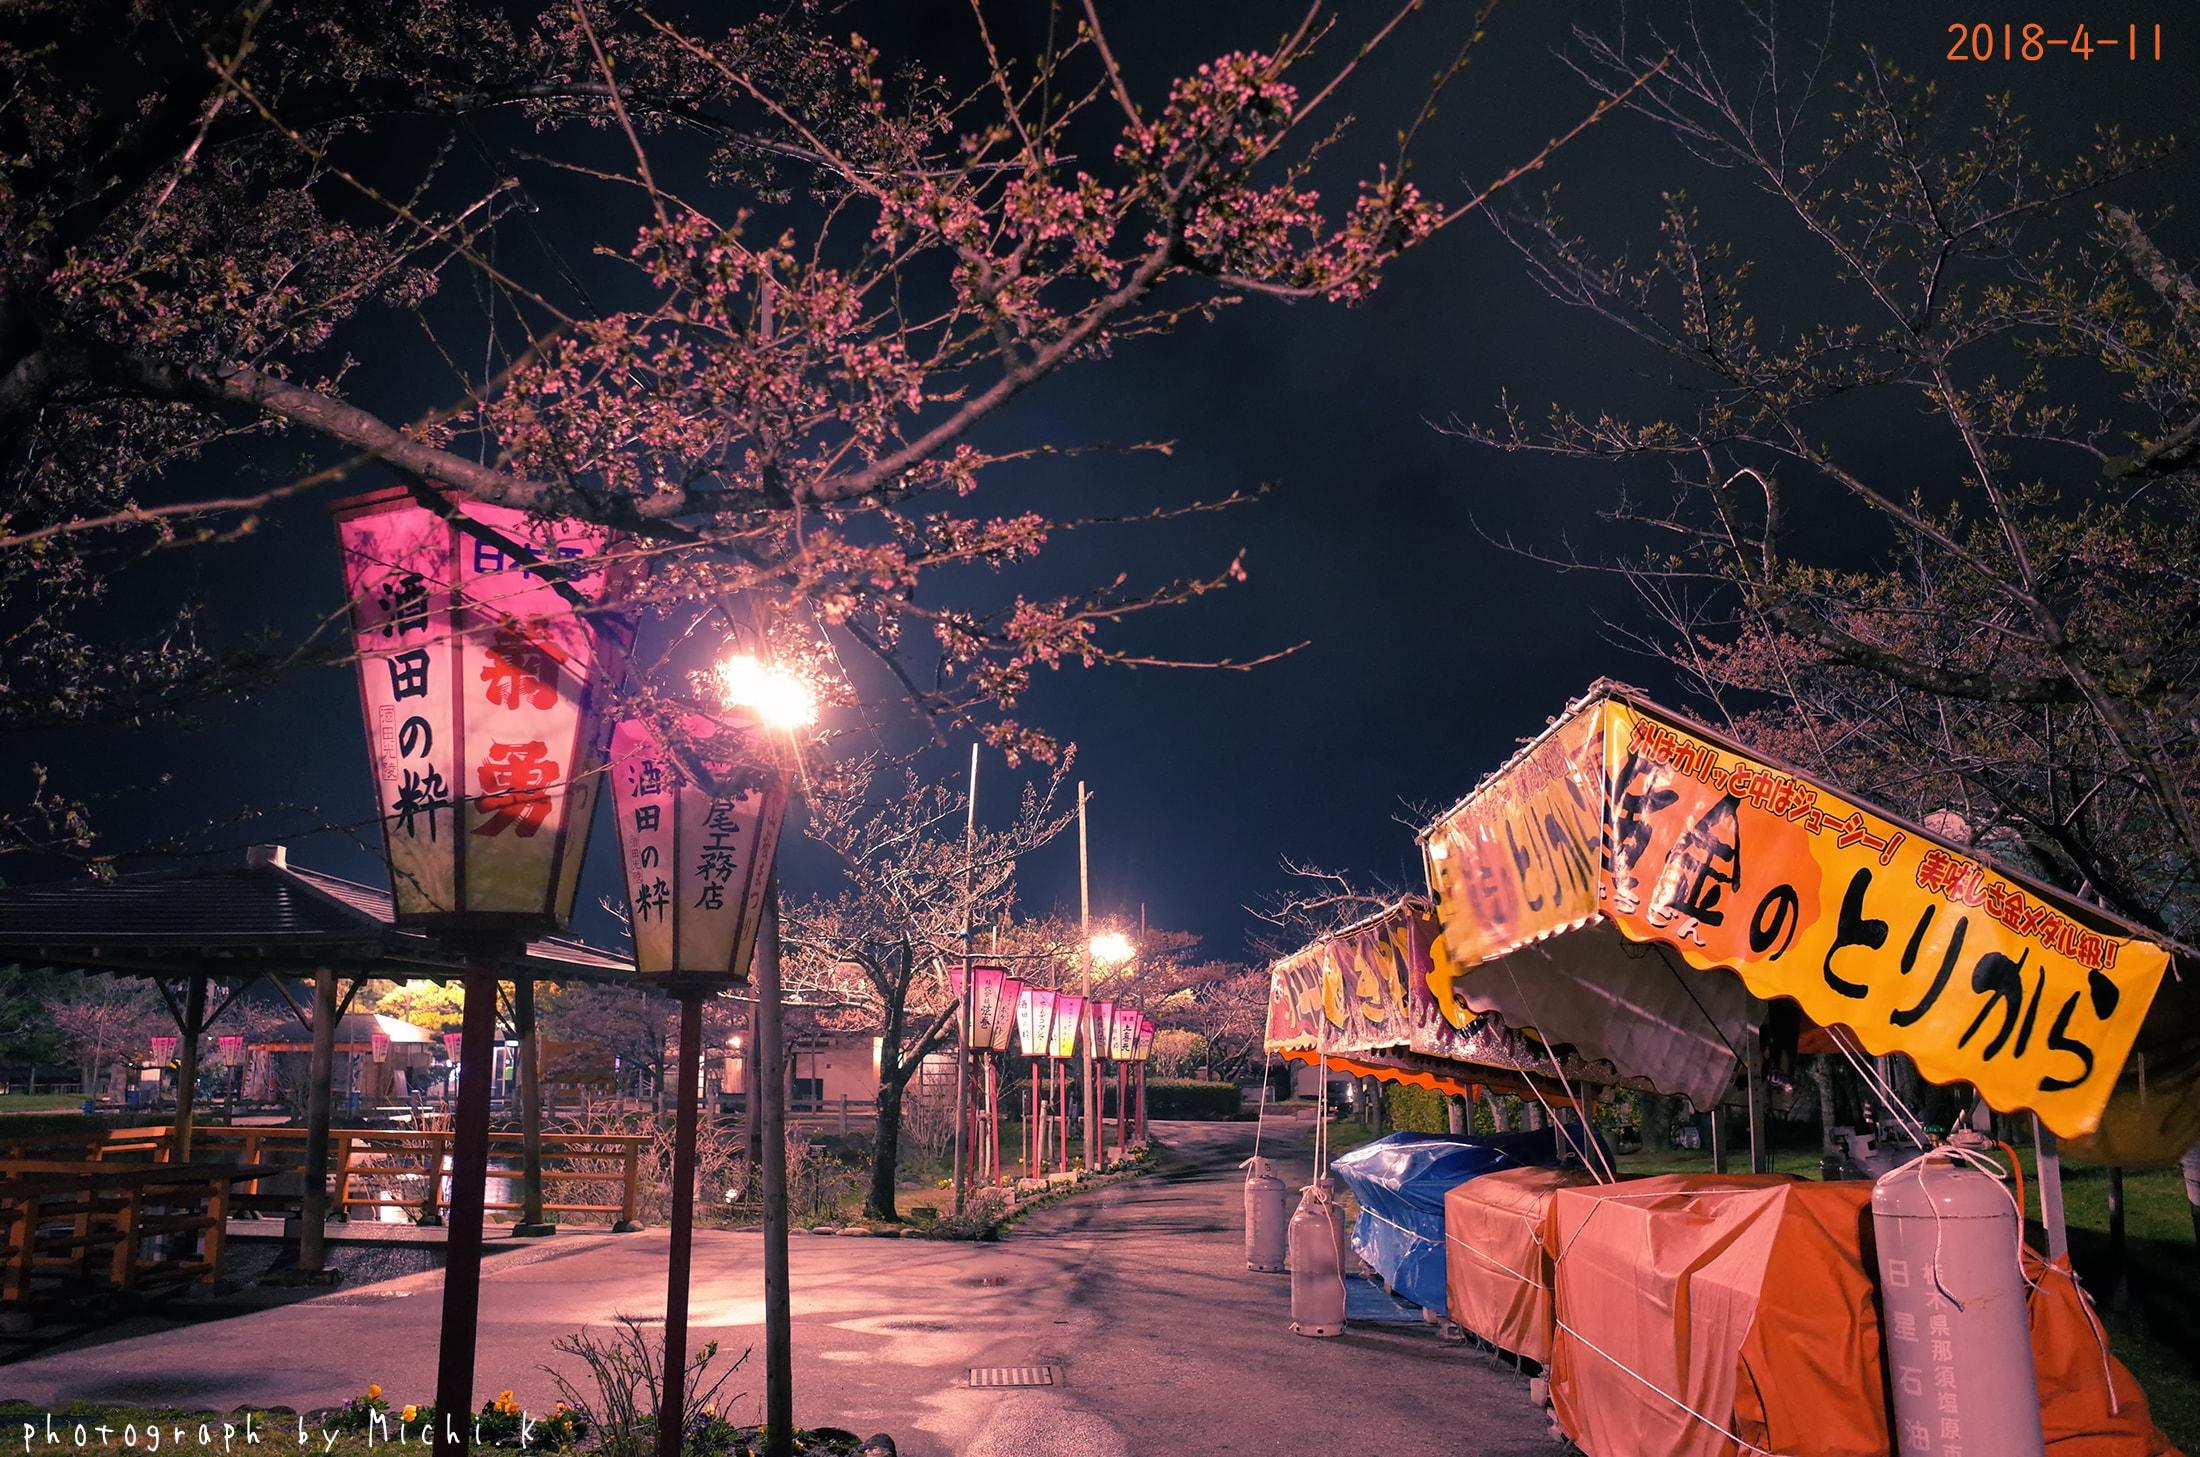 酒田市日和山公園2018-4-11